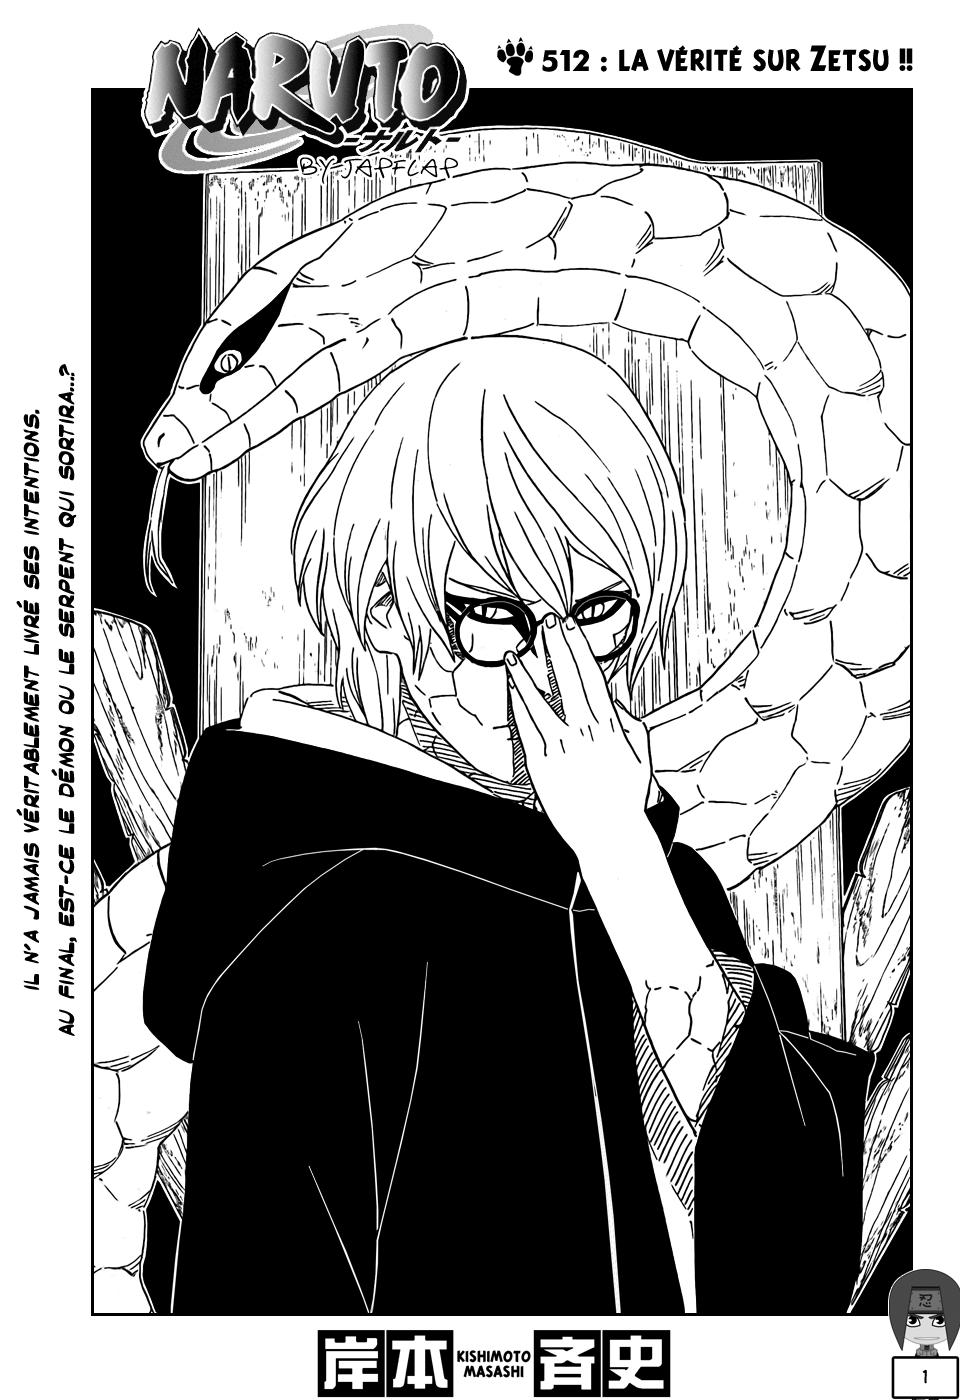 Naruto chapitre 512 - Page 1